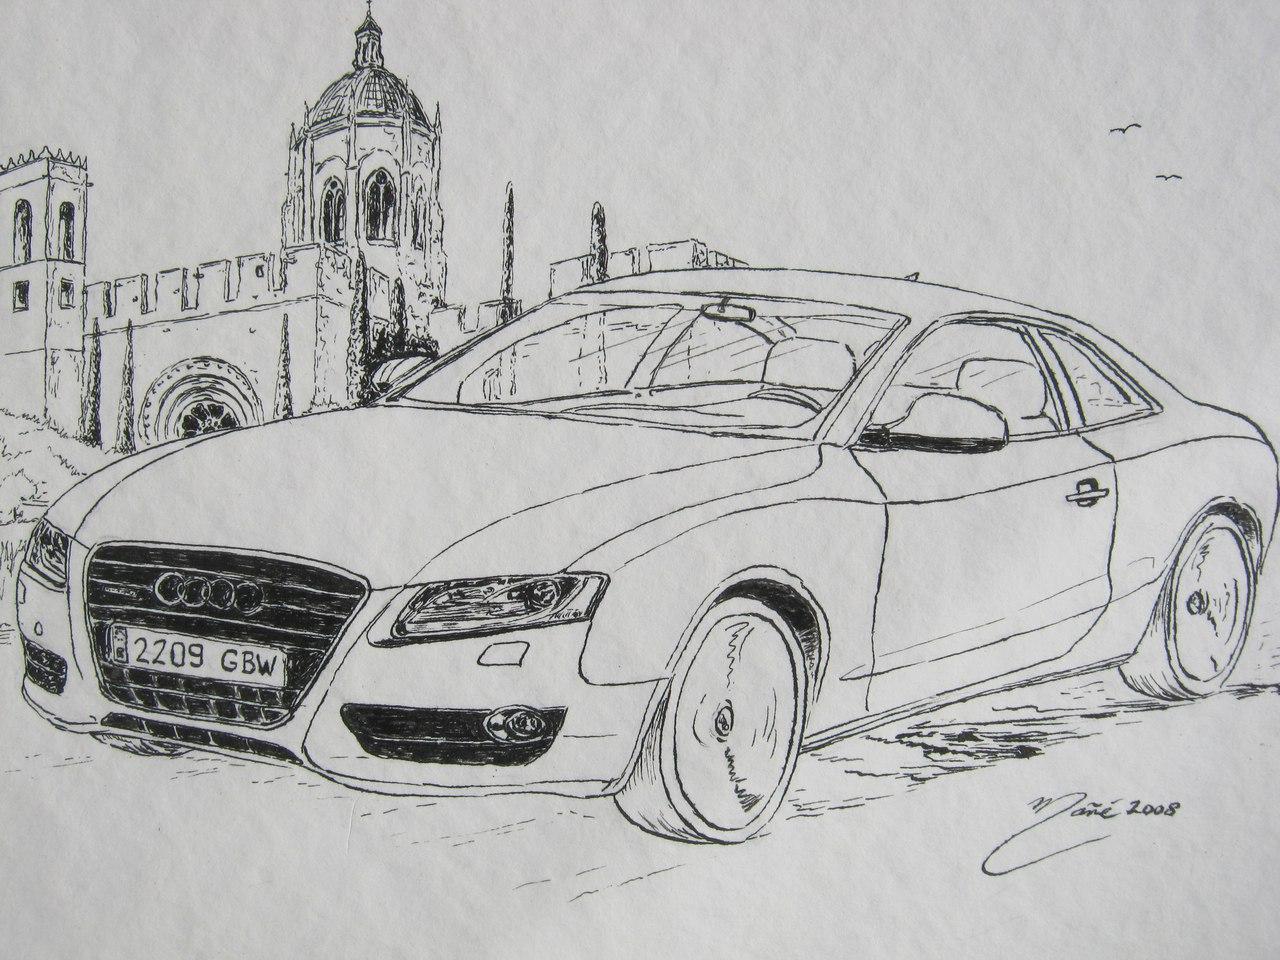 АУДИ А5: рисунок чернильной ручкой от Жоана Манье • ALL ...